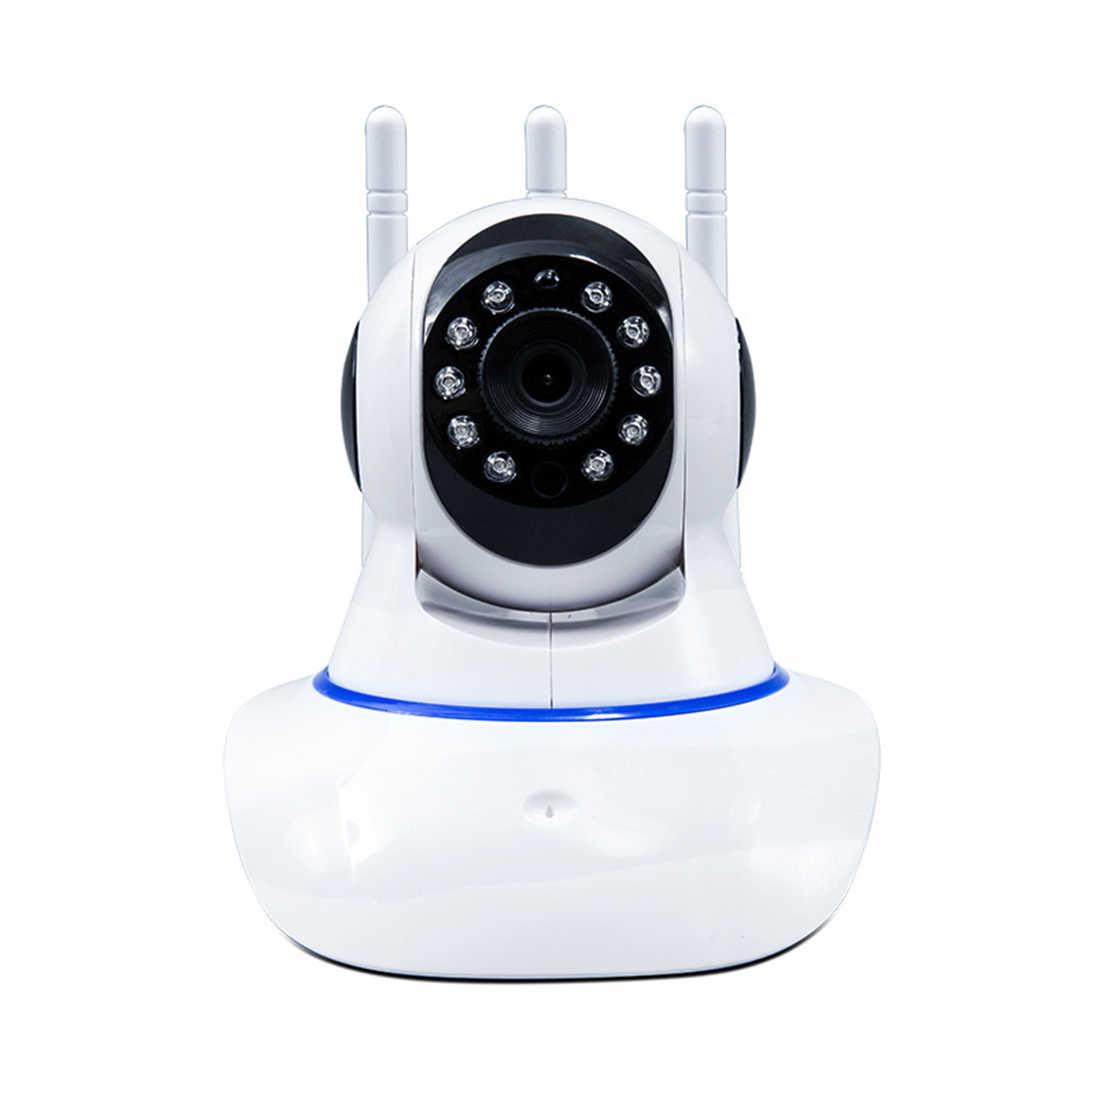 880 جديد عالية الوضوح سحابة تخزين الأمن كاميرا الهاتف المحمول عن بعد اللاسلكية WIFI الذكية طفل صغير مراقبة كاميرا